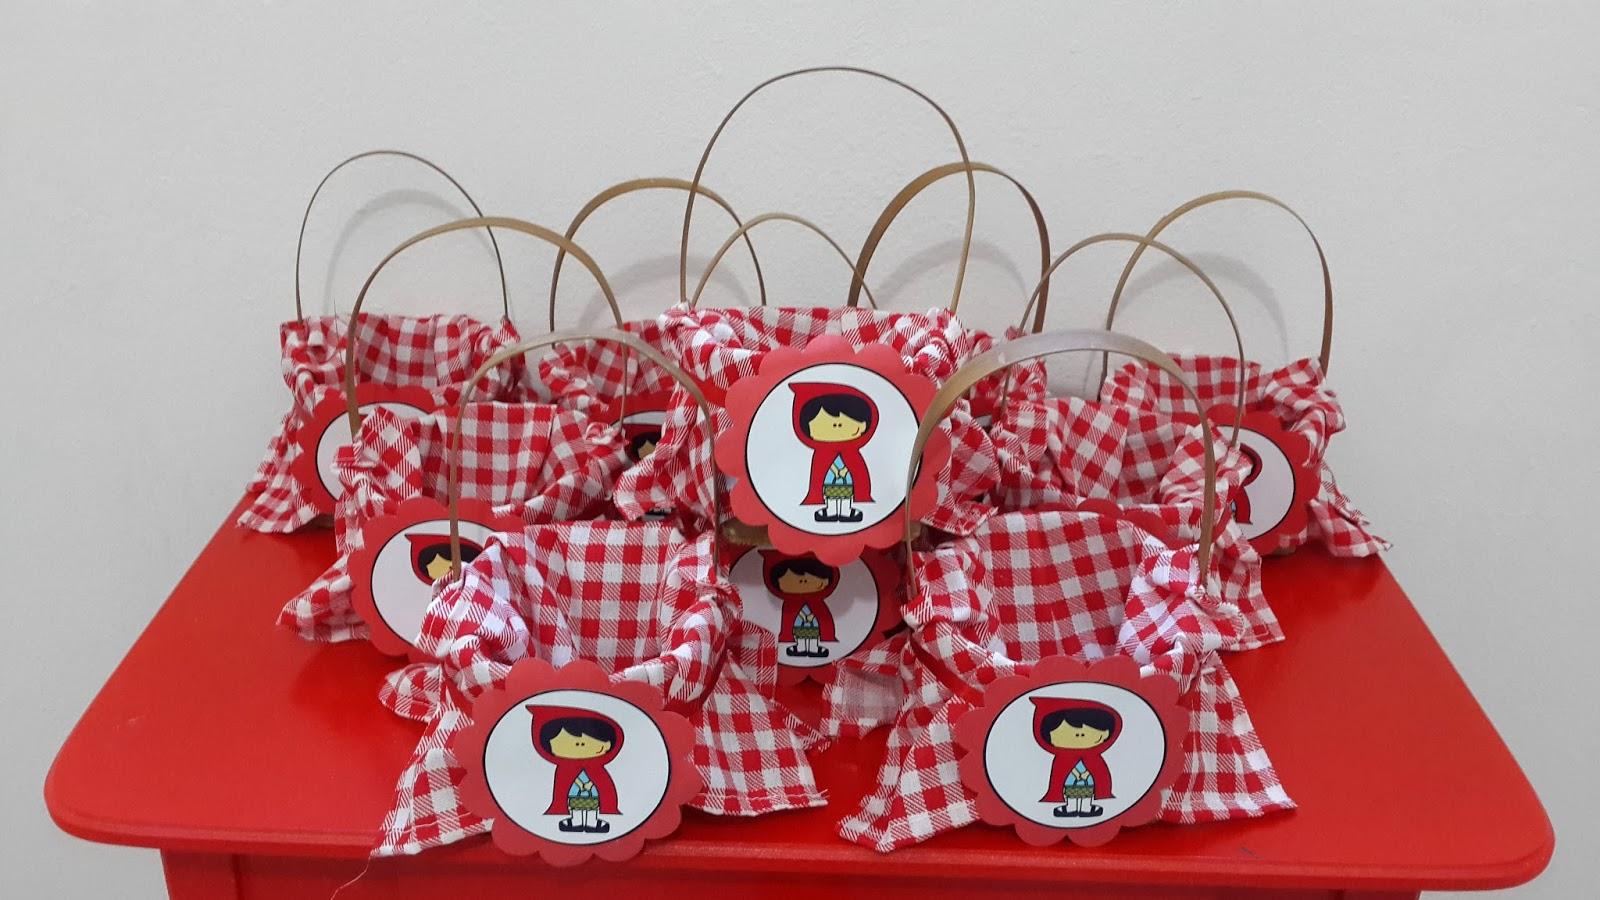 Artigos festa chapeuzinho vermelho